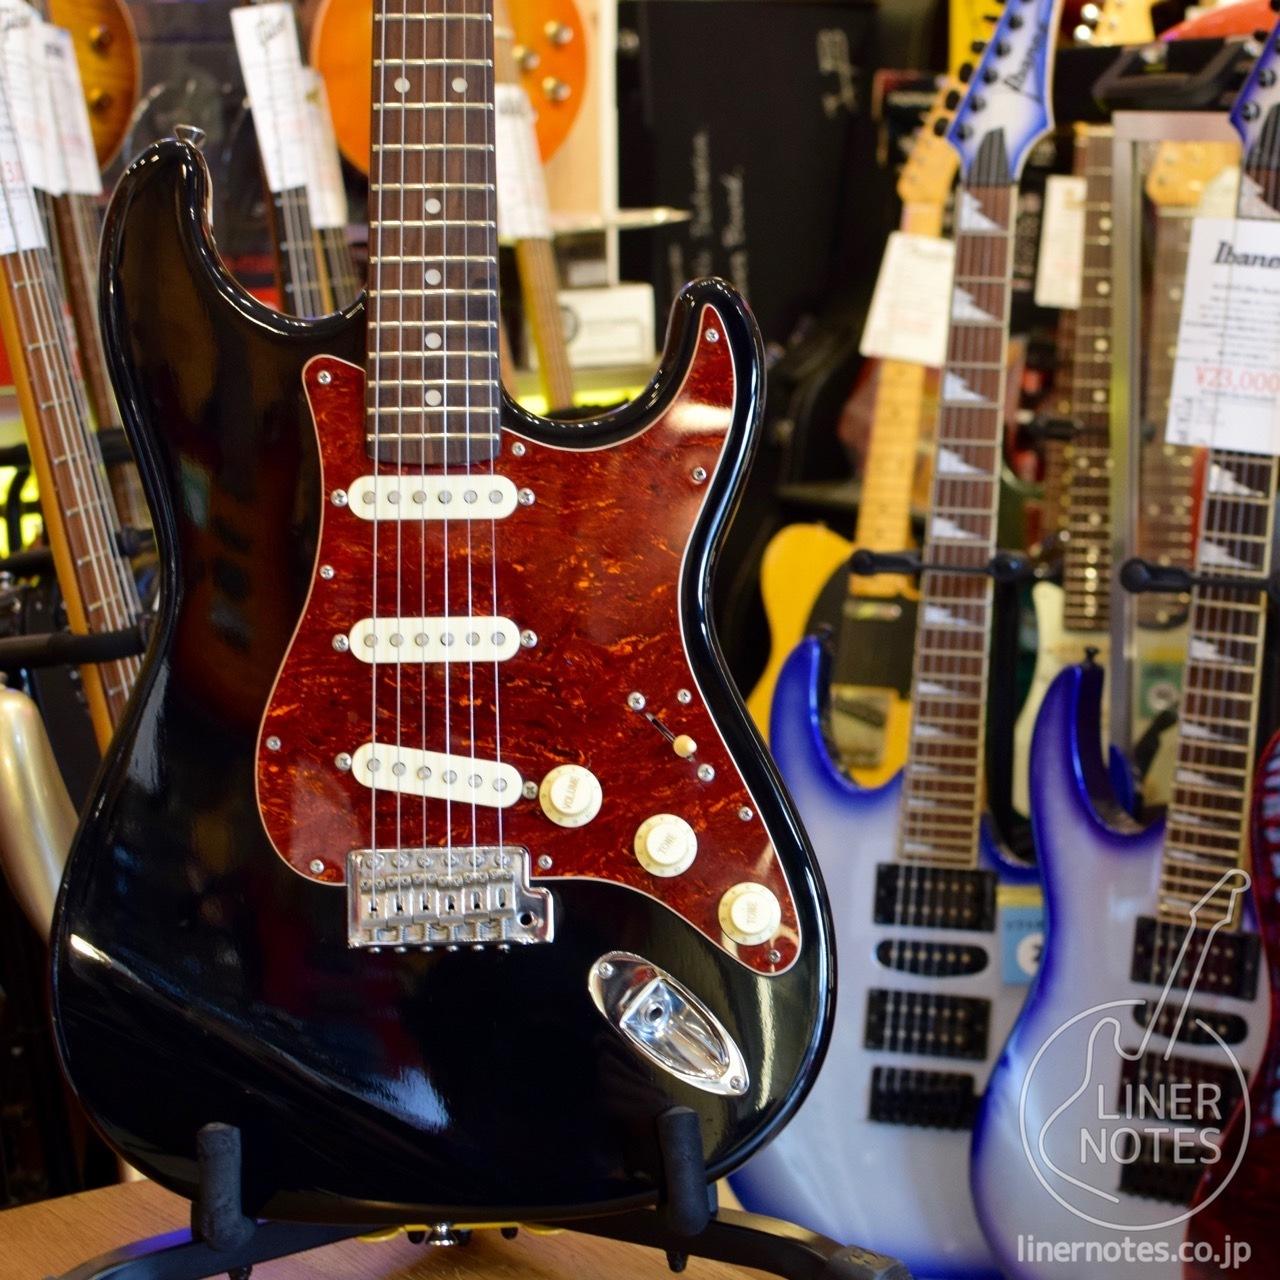 布賴恩酒神的Stratocaster(黑色)